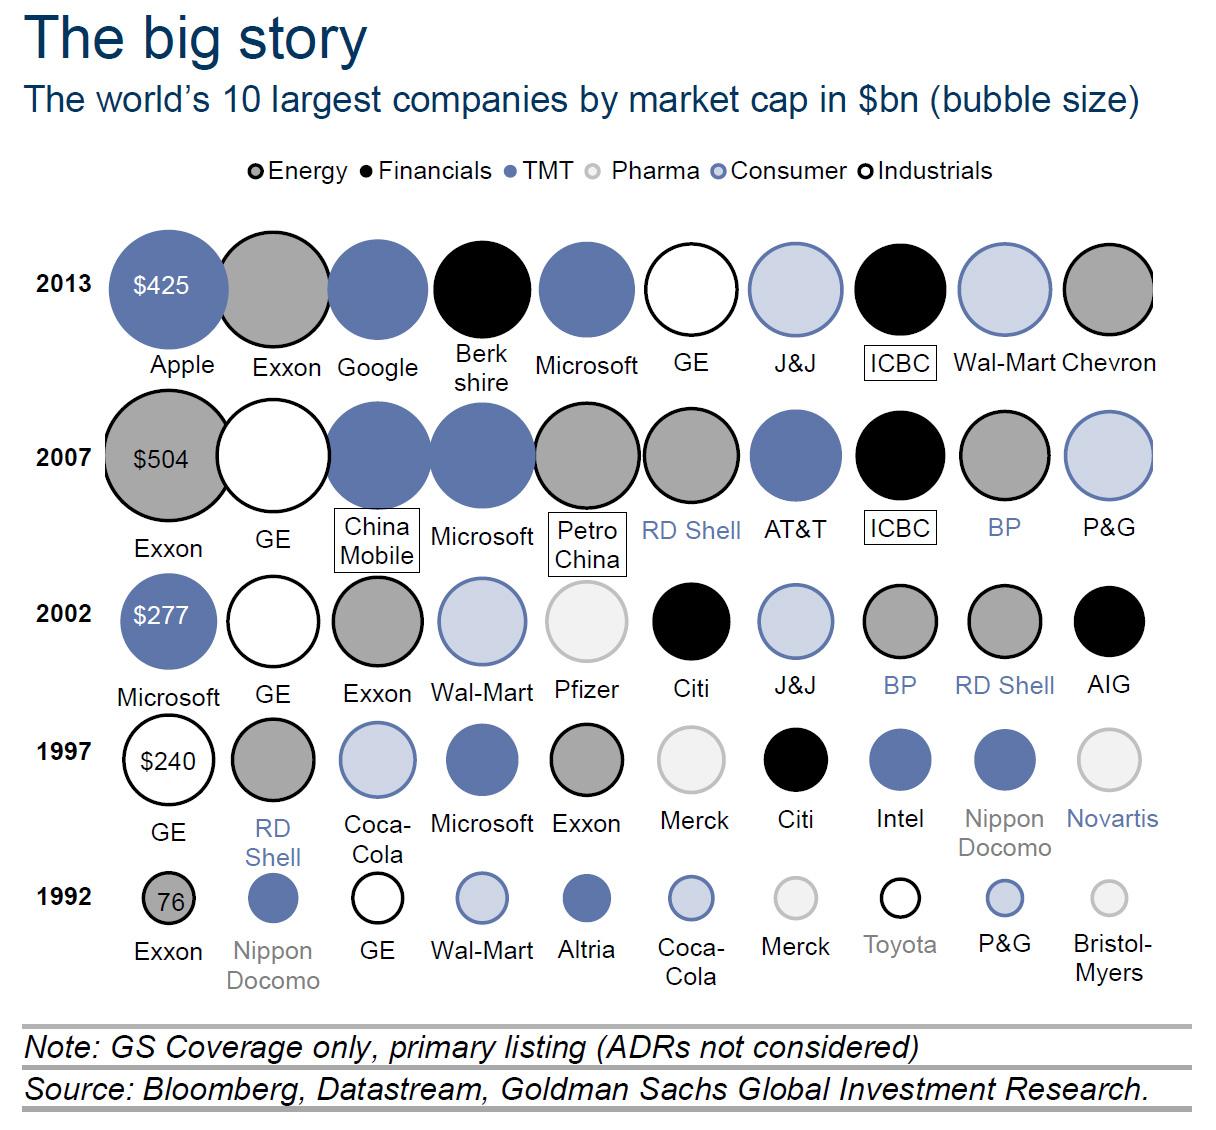 Οι 10 μεγαλύτερες εταιρείες του κόσμου, βάση κεφαλαιοποίησης (σε δις δολάρια). (*Πατήστε στην εικόνα για μεγέθυνση)